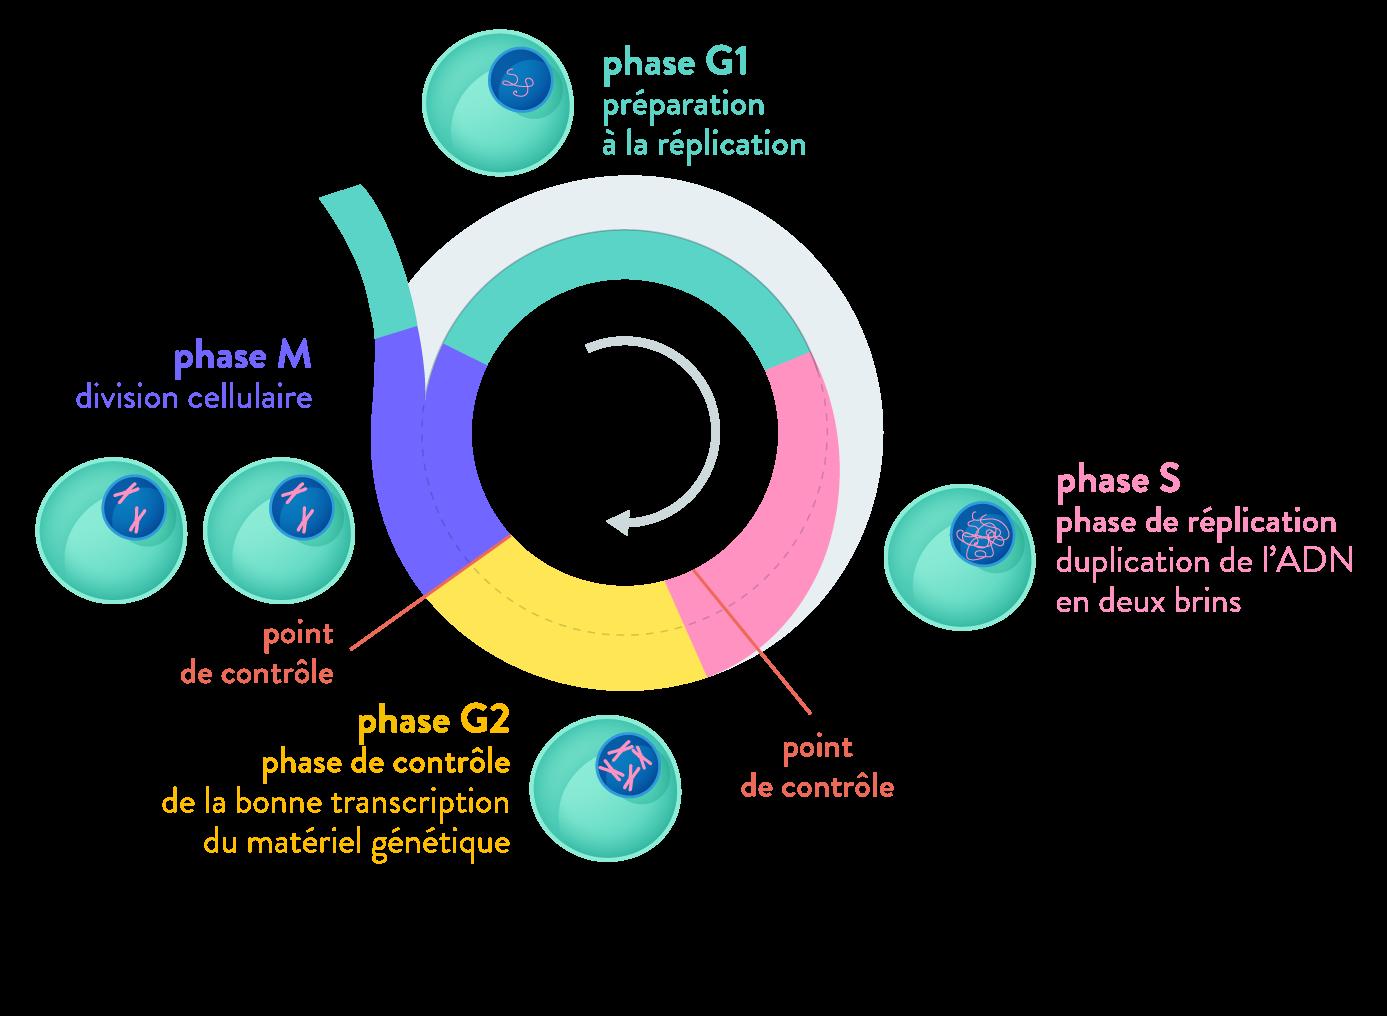 contrôle du cycle cellulaire point de contrôle apoptose